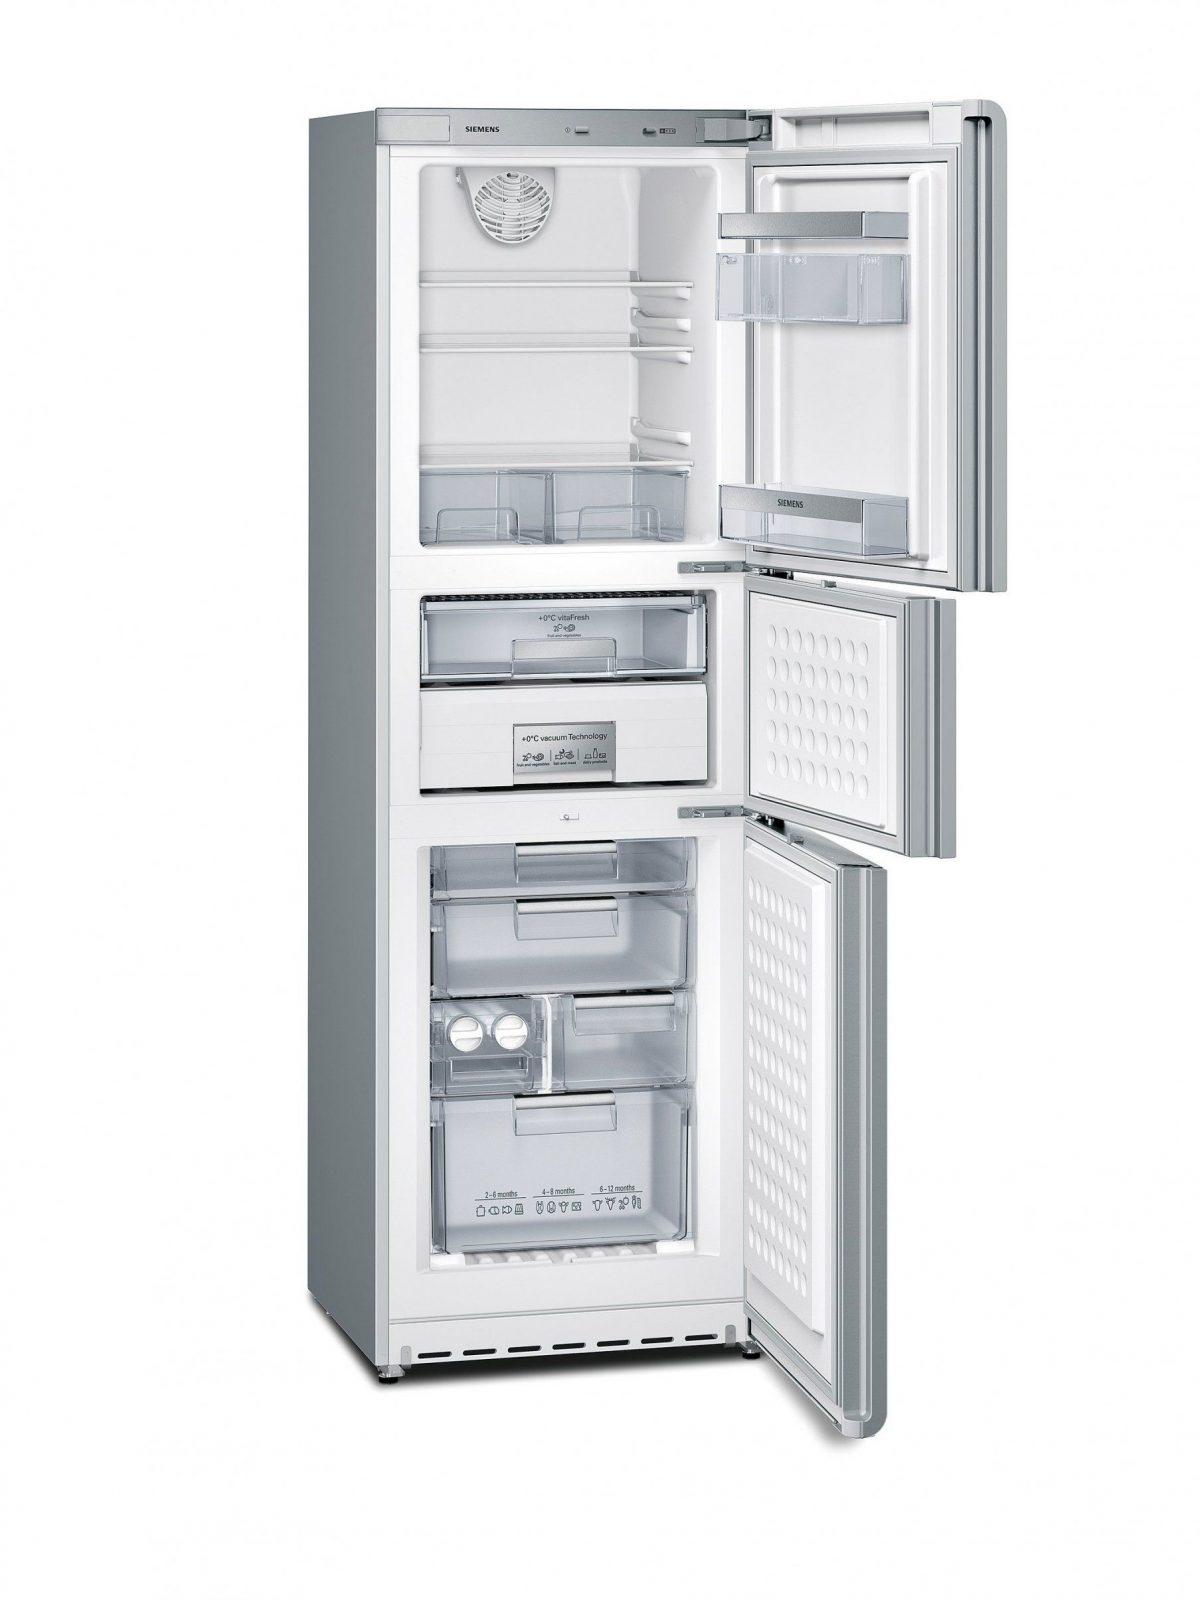 Null Grad Zone Kühlschrank Kuche Samsung Rb29Fejnbsaef Kuhl Gefrier von Kühl Gefrierkombination Mit 0 Grad Zone Bild